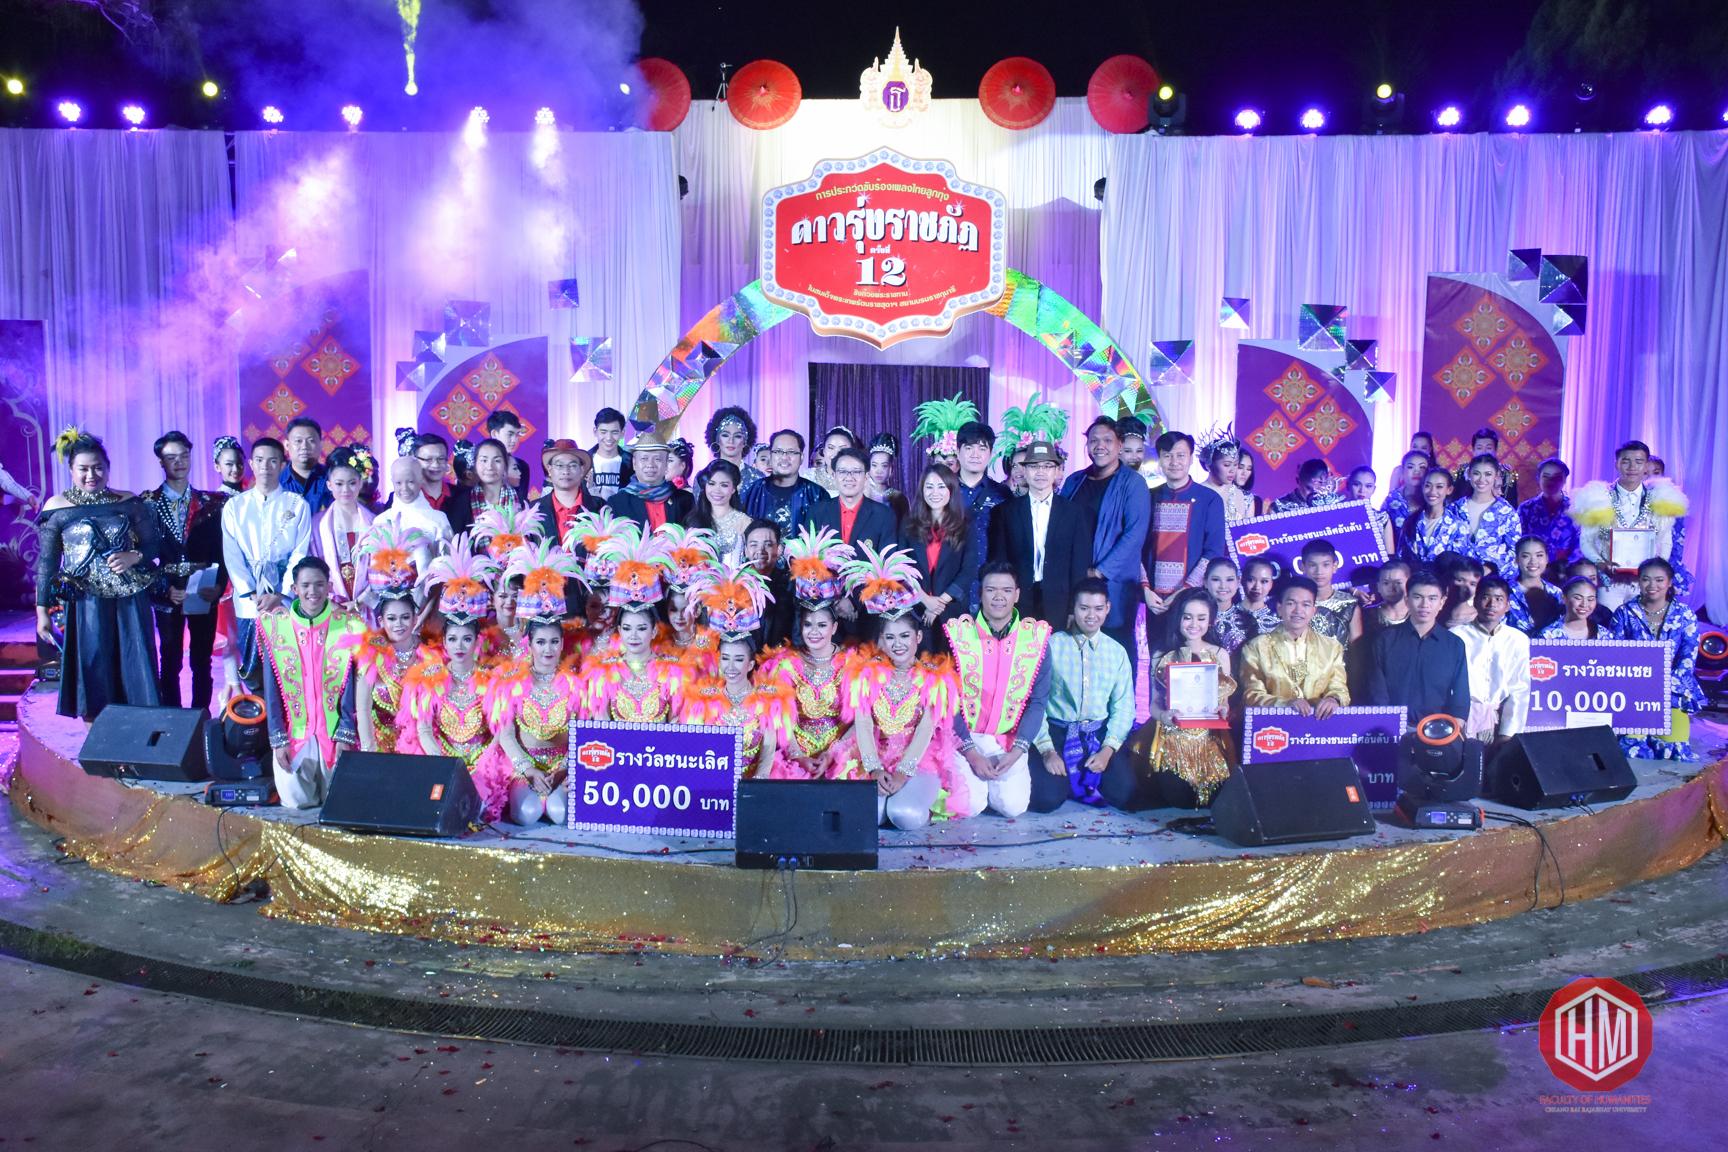 กิจกรรมวันมนุษยศาสตร์และ การประกวดขับร้องเพลงไทยลูกทุ่ง ดาวรุ่งราชภัฏ ครั้งที่ 12